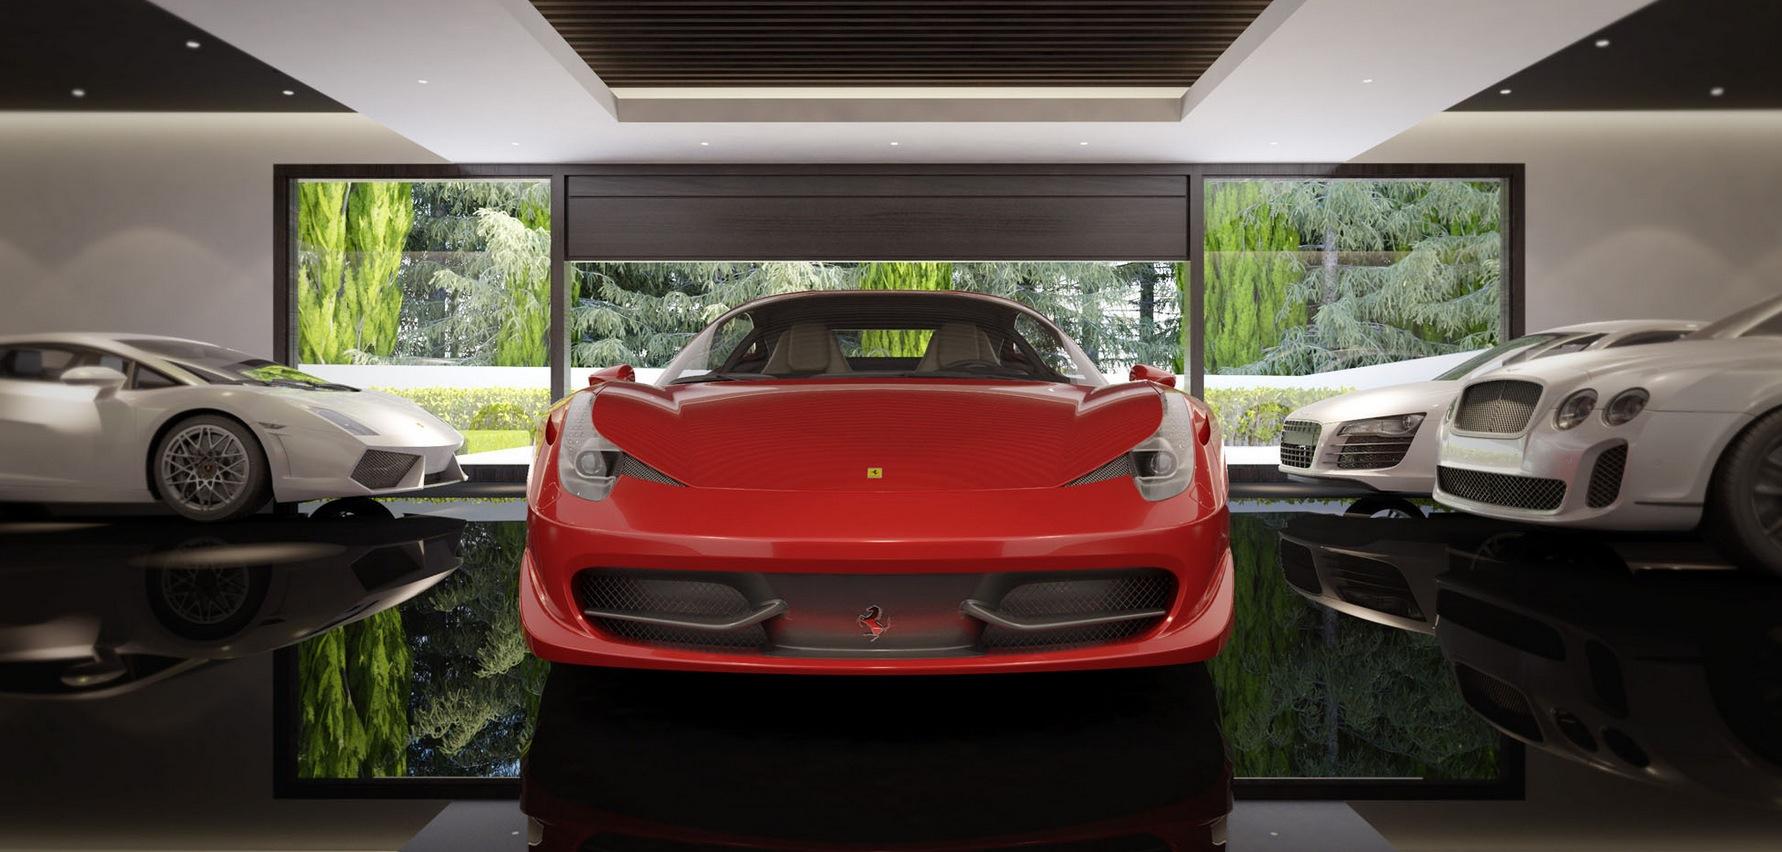 Luxury Garageinterior Design Ideas